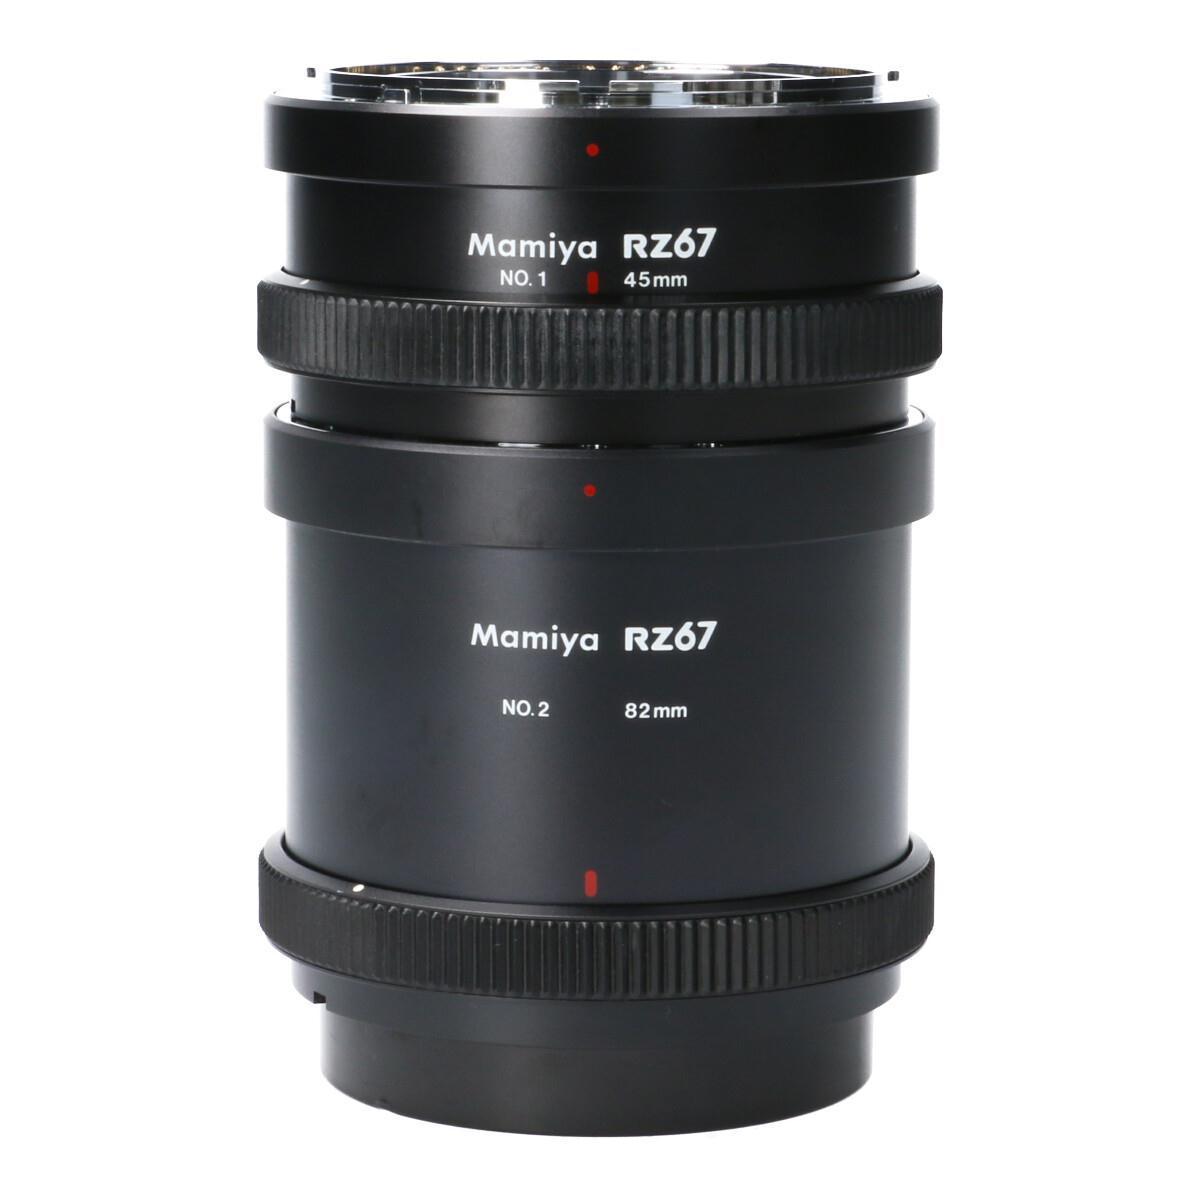 カメラ・ビデオカメラ・光学機器用アクセサリー, その他 MAMIYA RZ67